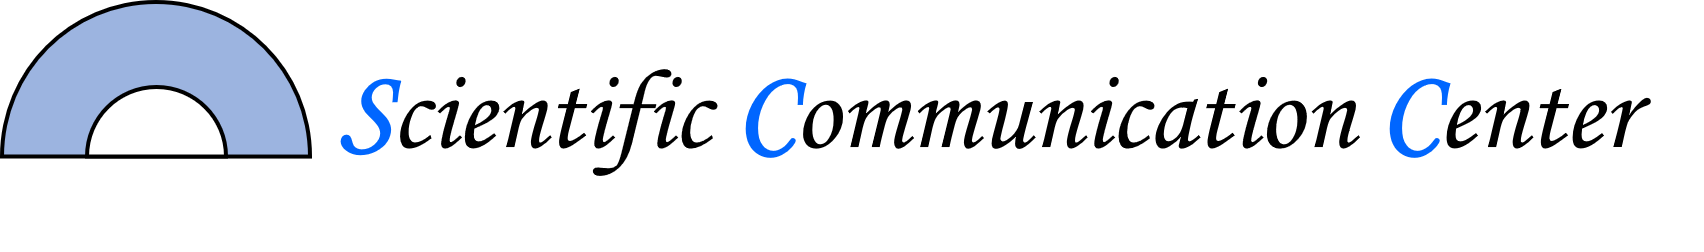 SCC透過ロゴ